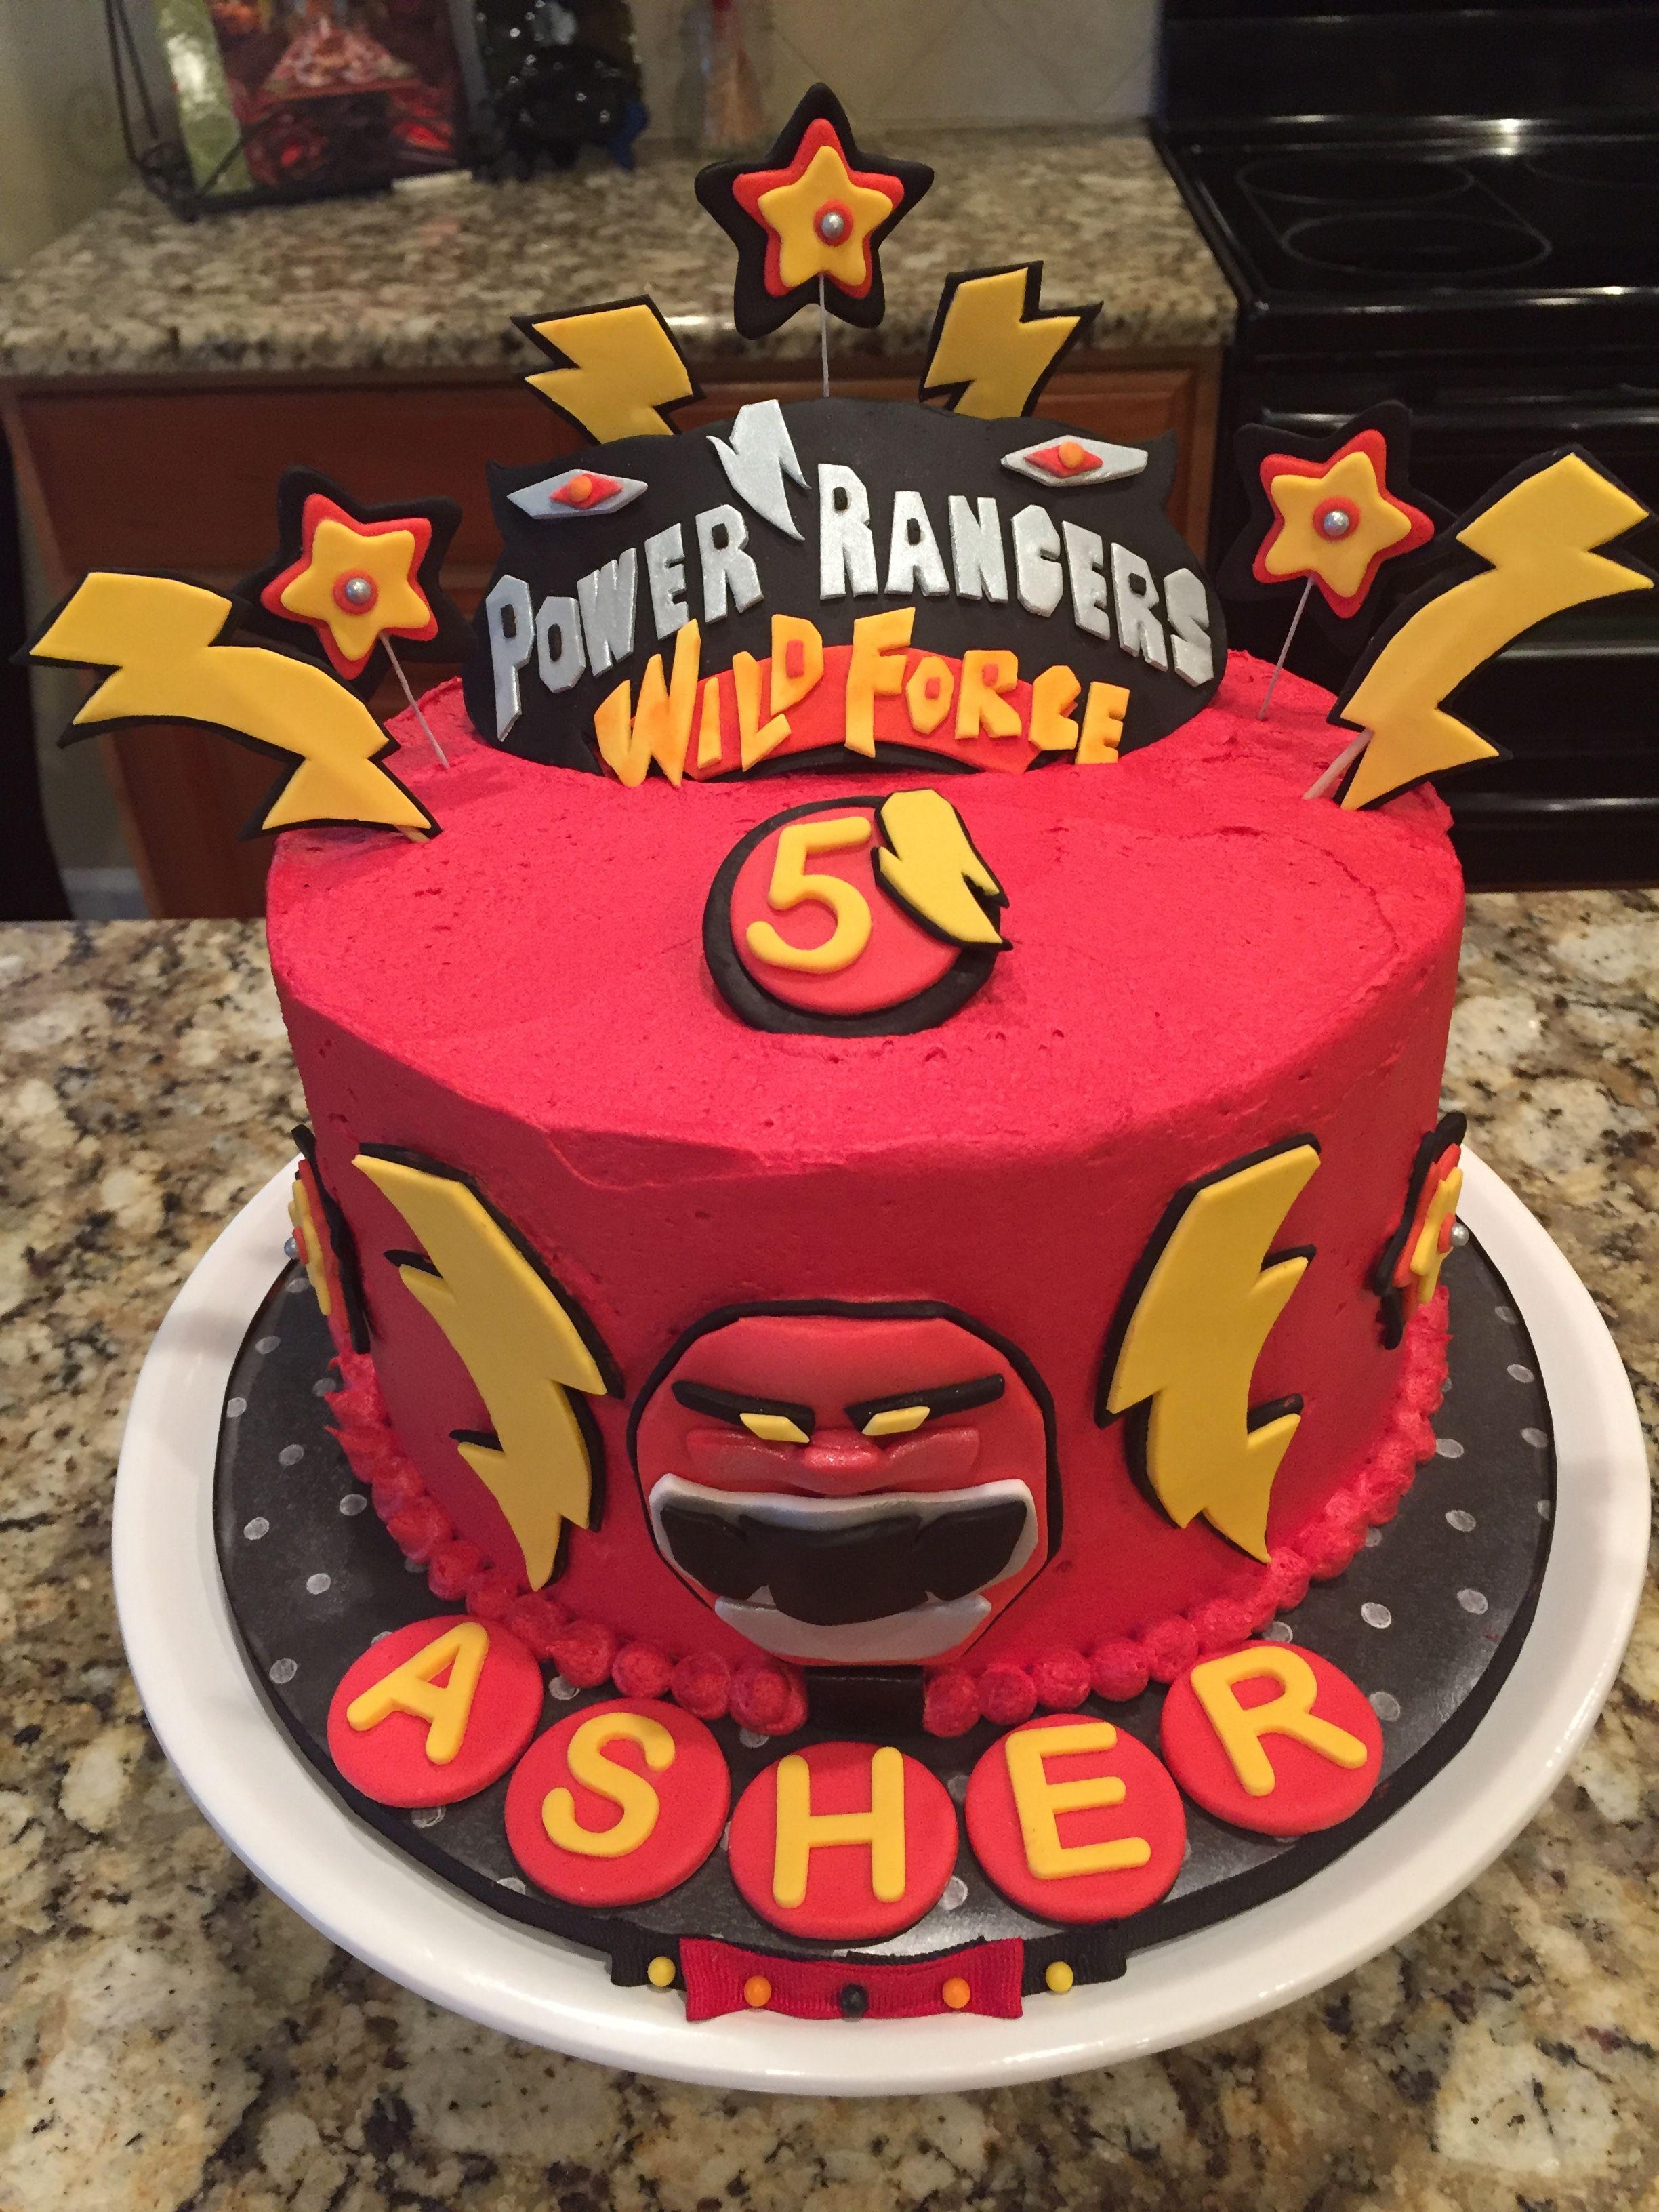 Fine Power Ranger Wild Force Cake In Red Buttercream For 5 Year Old Personalised Birthday Cards Veneteletsinfo